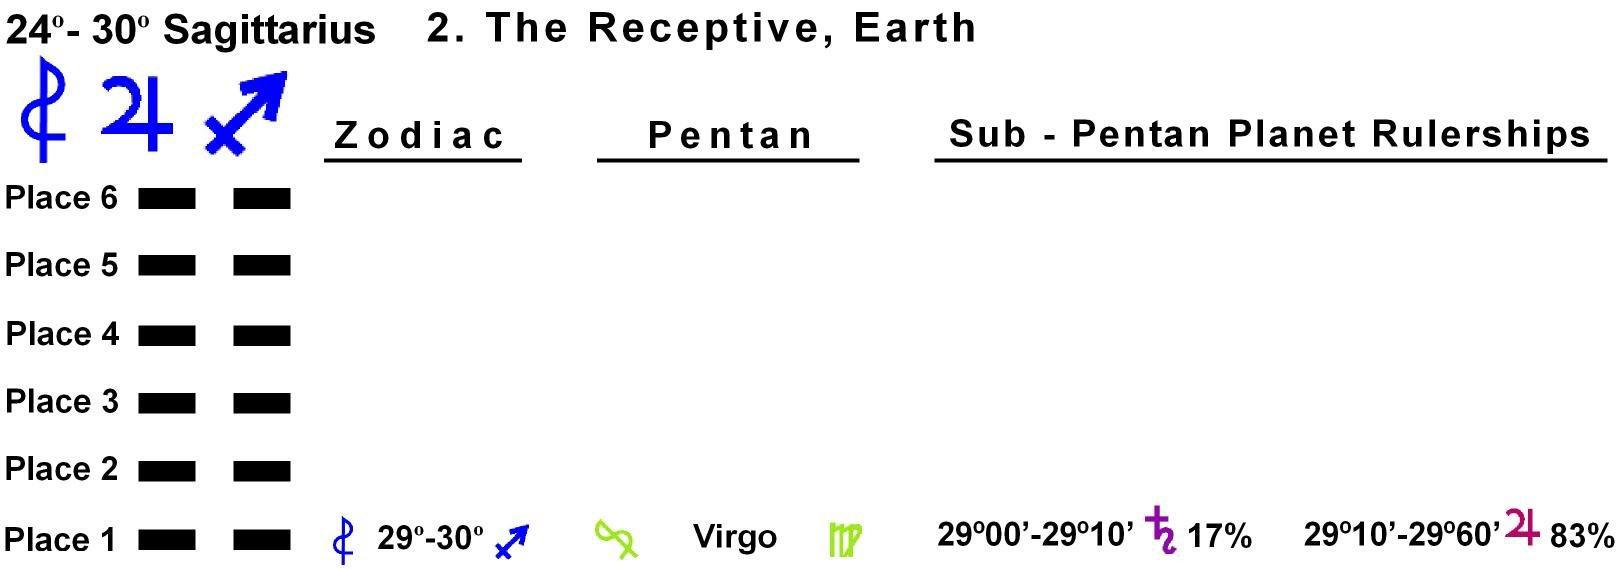 Pent-lines-09SA 29-30 Hx-2 The Receptive